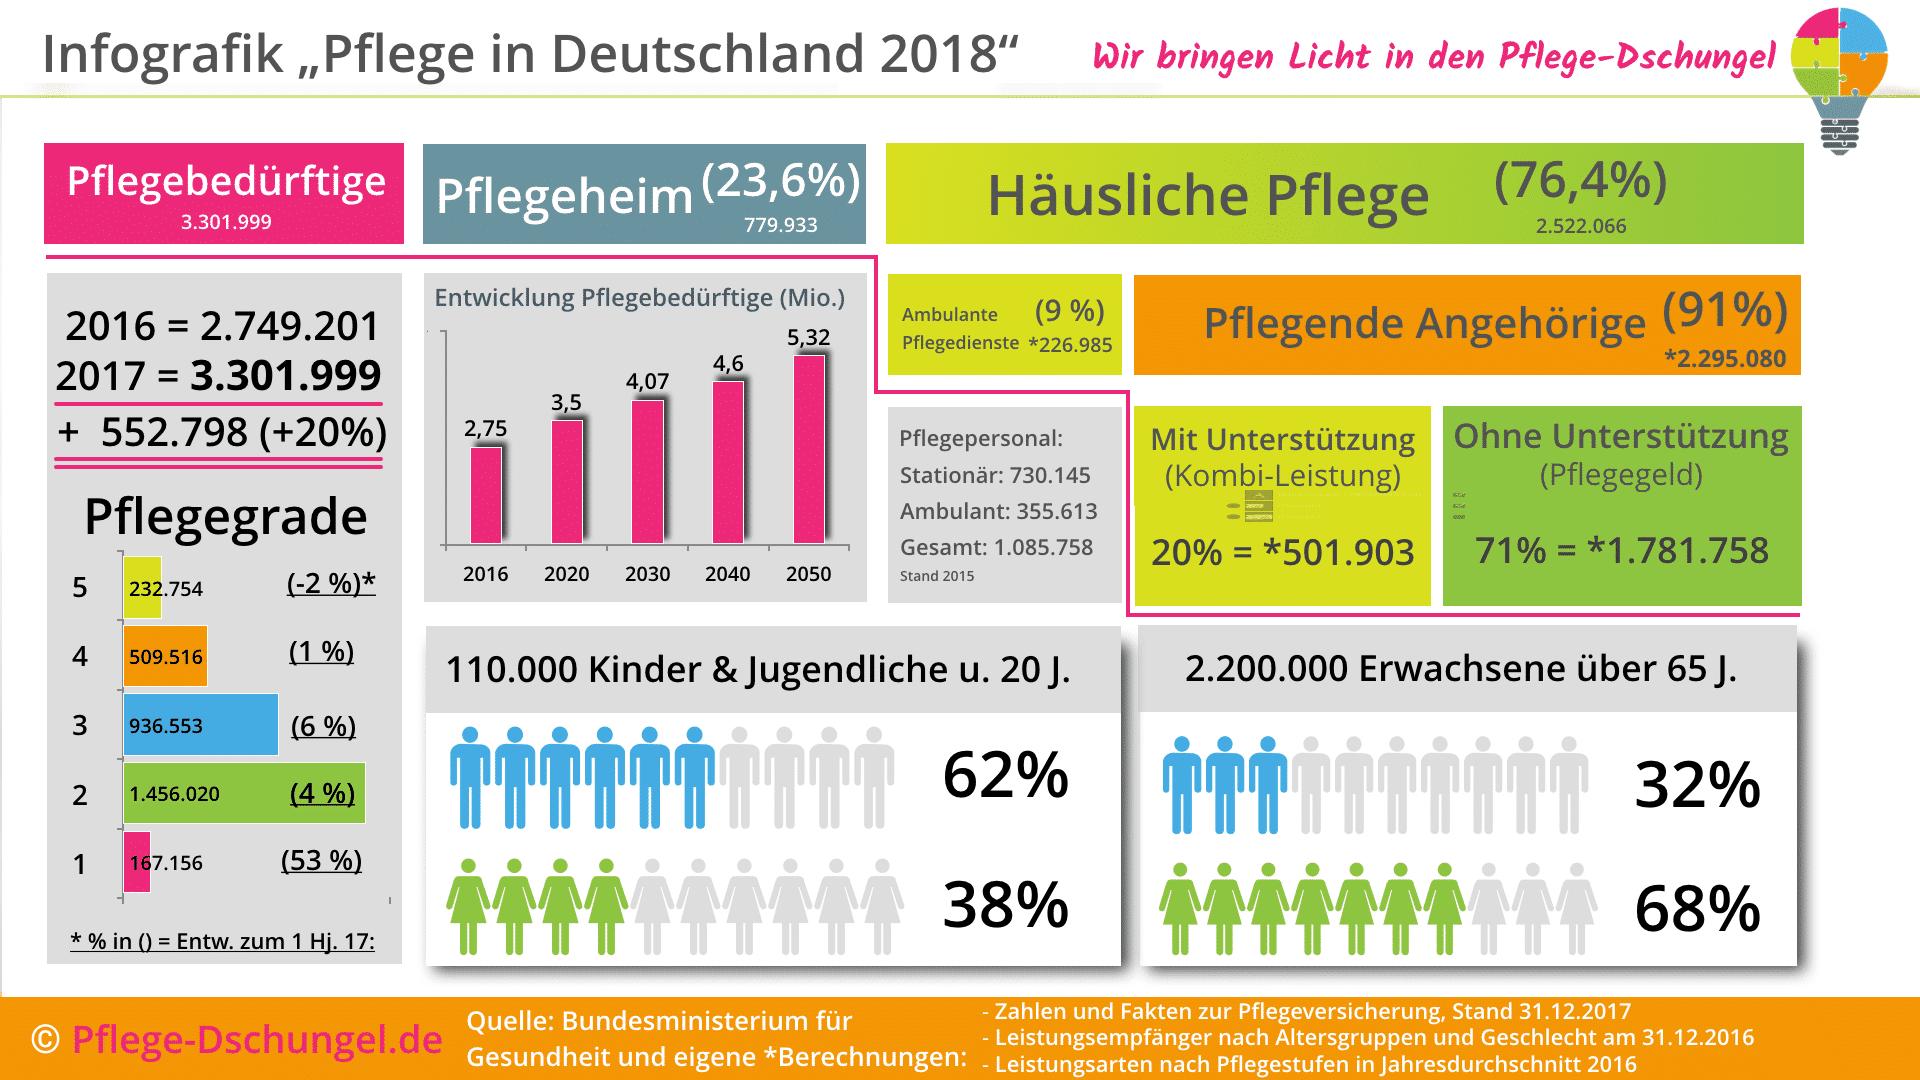 Infografik zur Pflege in Deutschland 2018